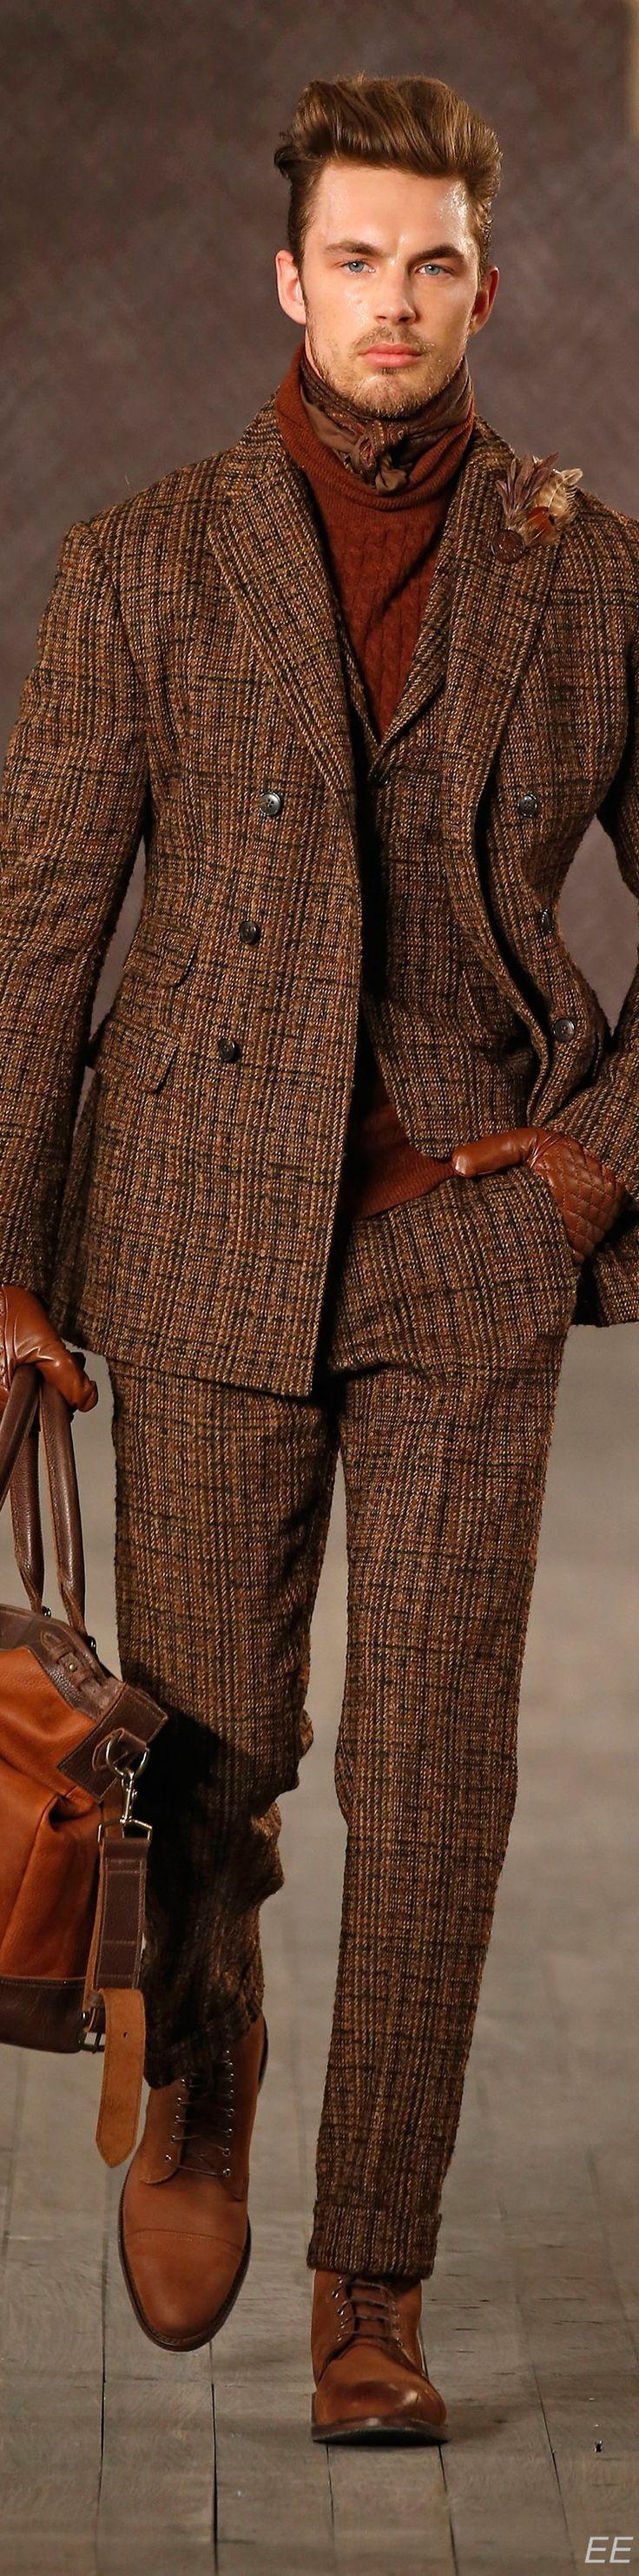 Fall 2016 Menswear Joseph Abboud - EE